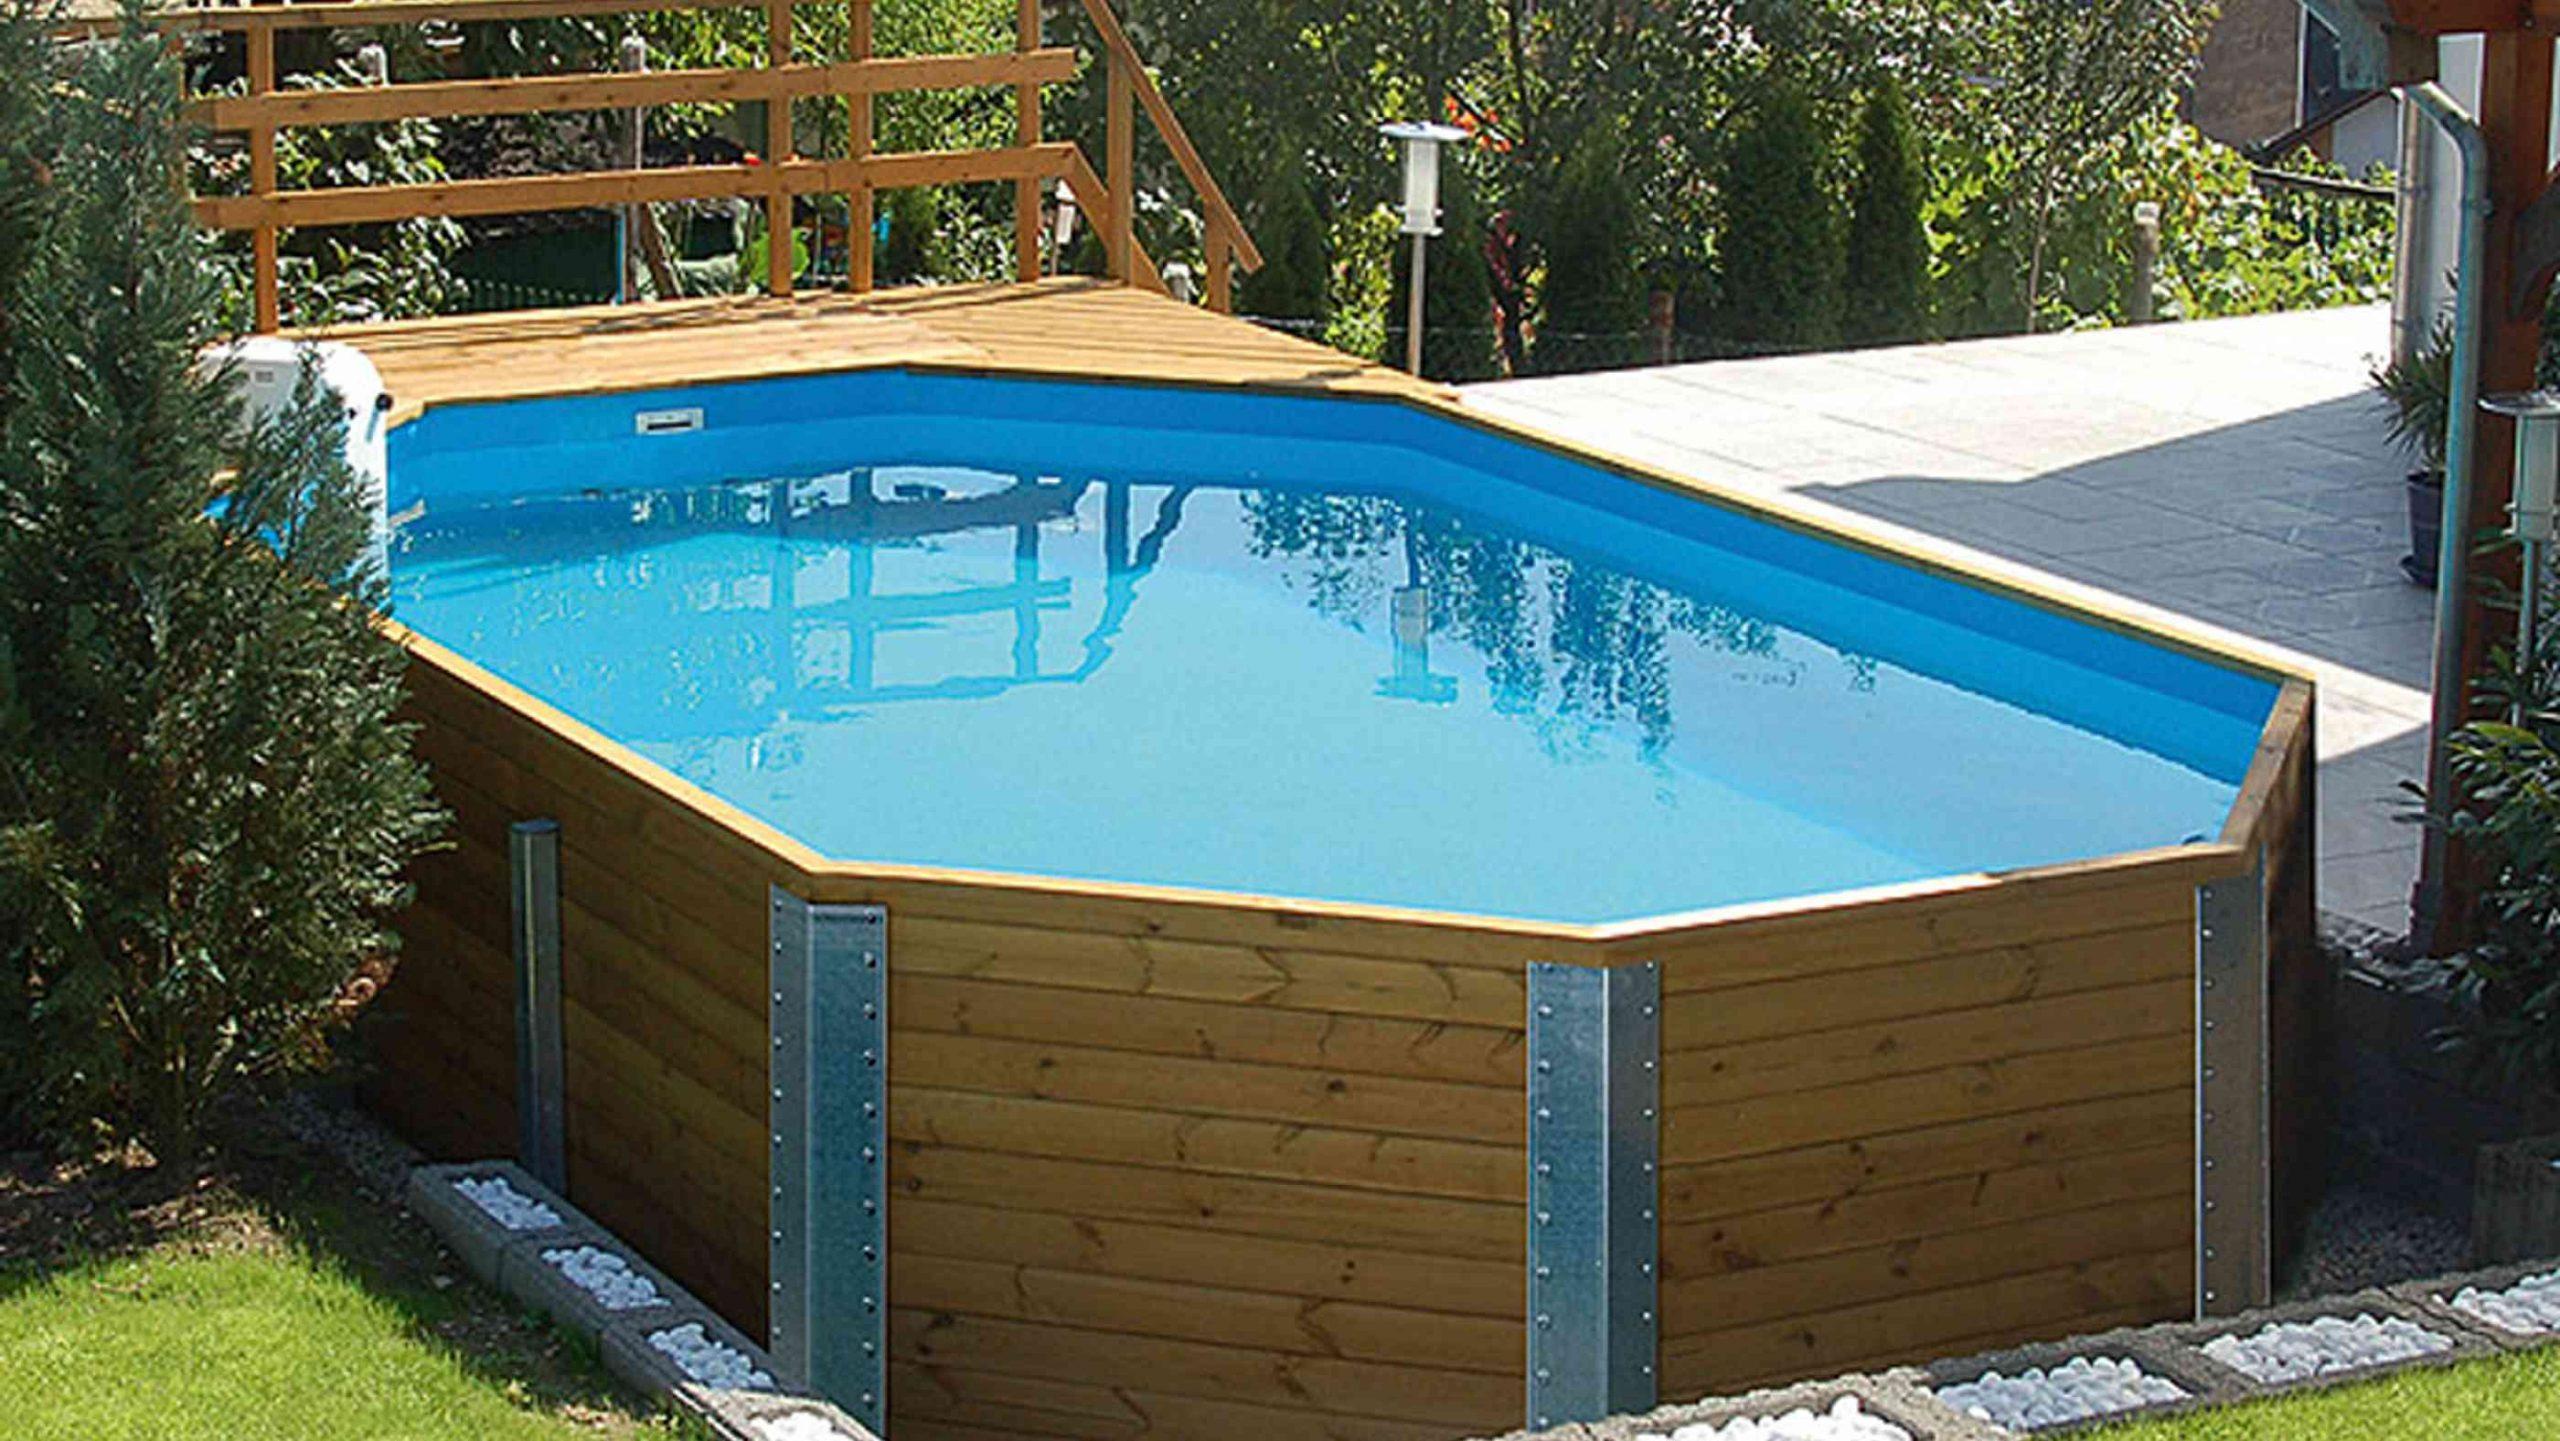 Full Size of Mini Pool Garten Im Bauen So Klappt Das Eigene Schwimmbad Holzhaus Kind Miniküche Mit Kühlschrank Beistelltisch Aufbewahrungsbox Gartenüberdachung Garten Mini Pool Garten